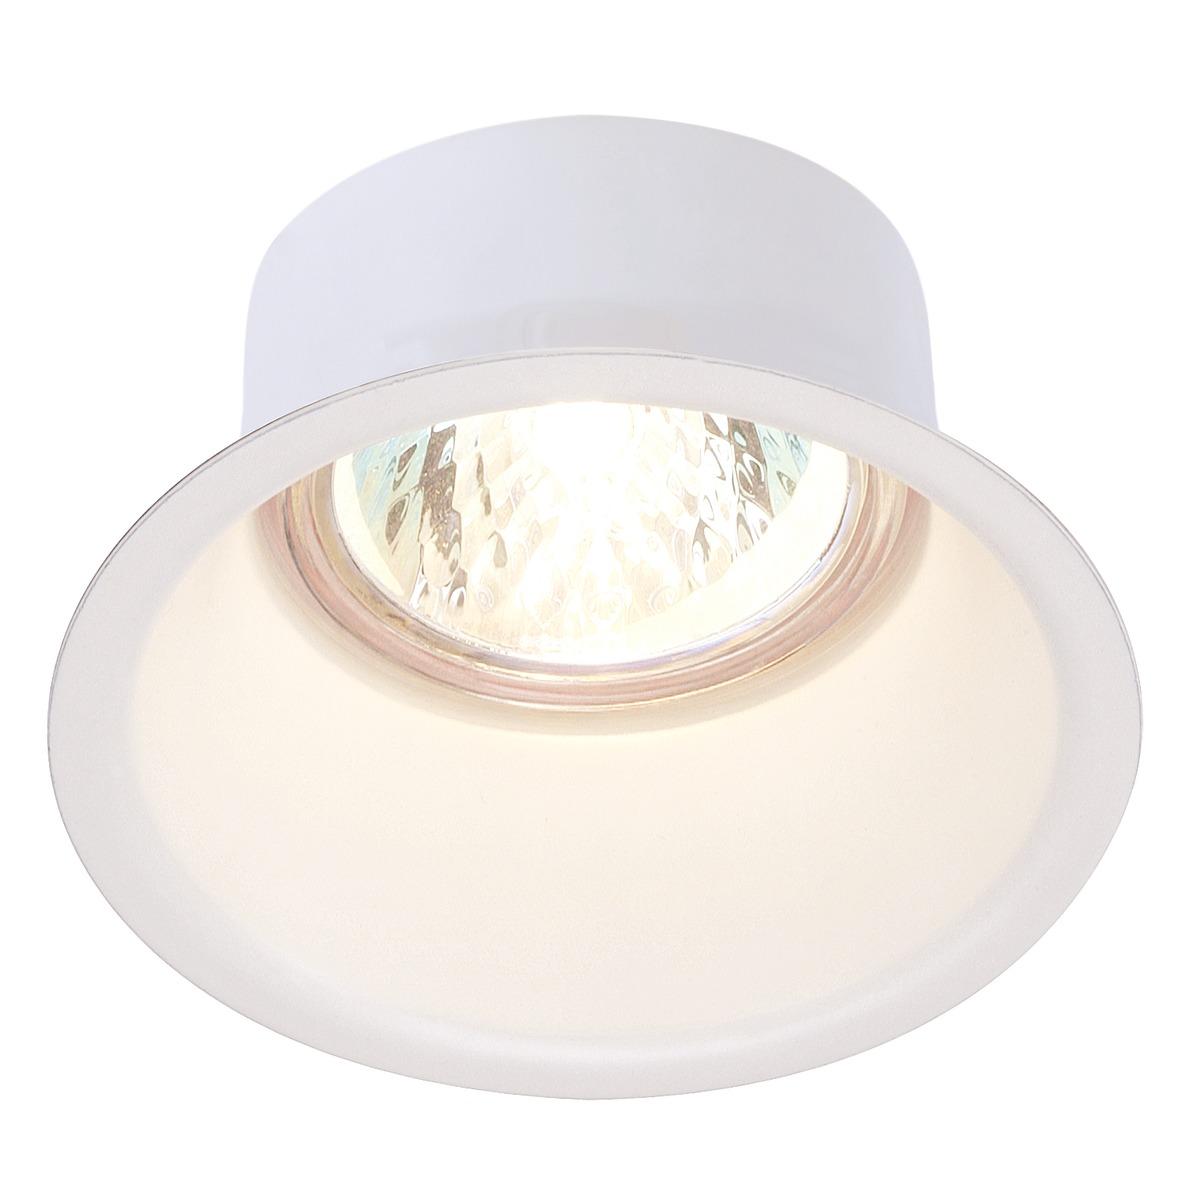 Zápustné svítidlo HORN  bílá 230V GU10 50W - BIG WHITE